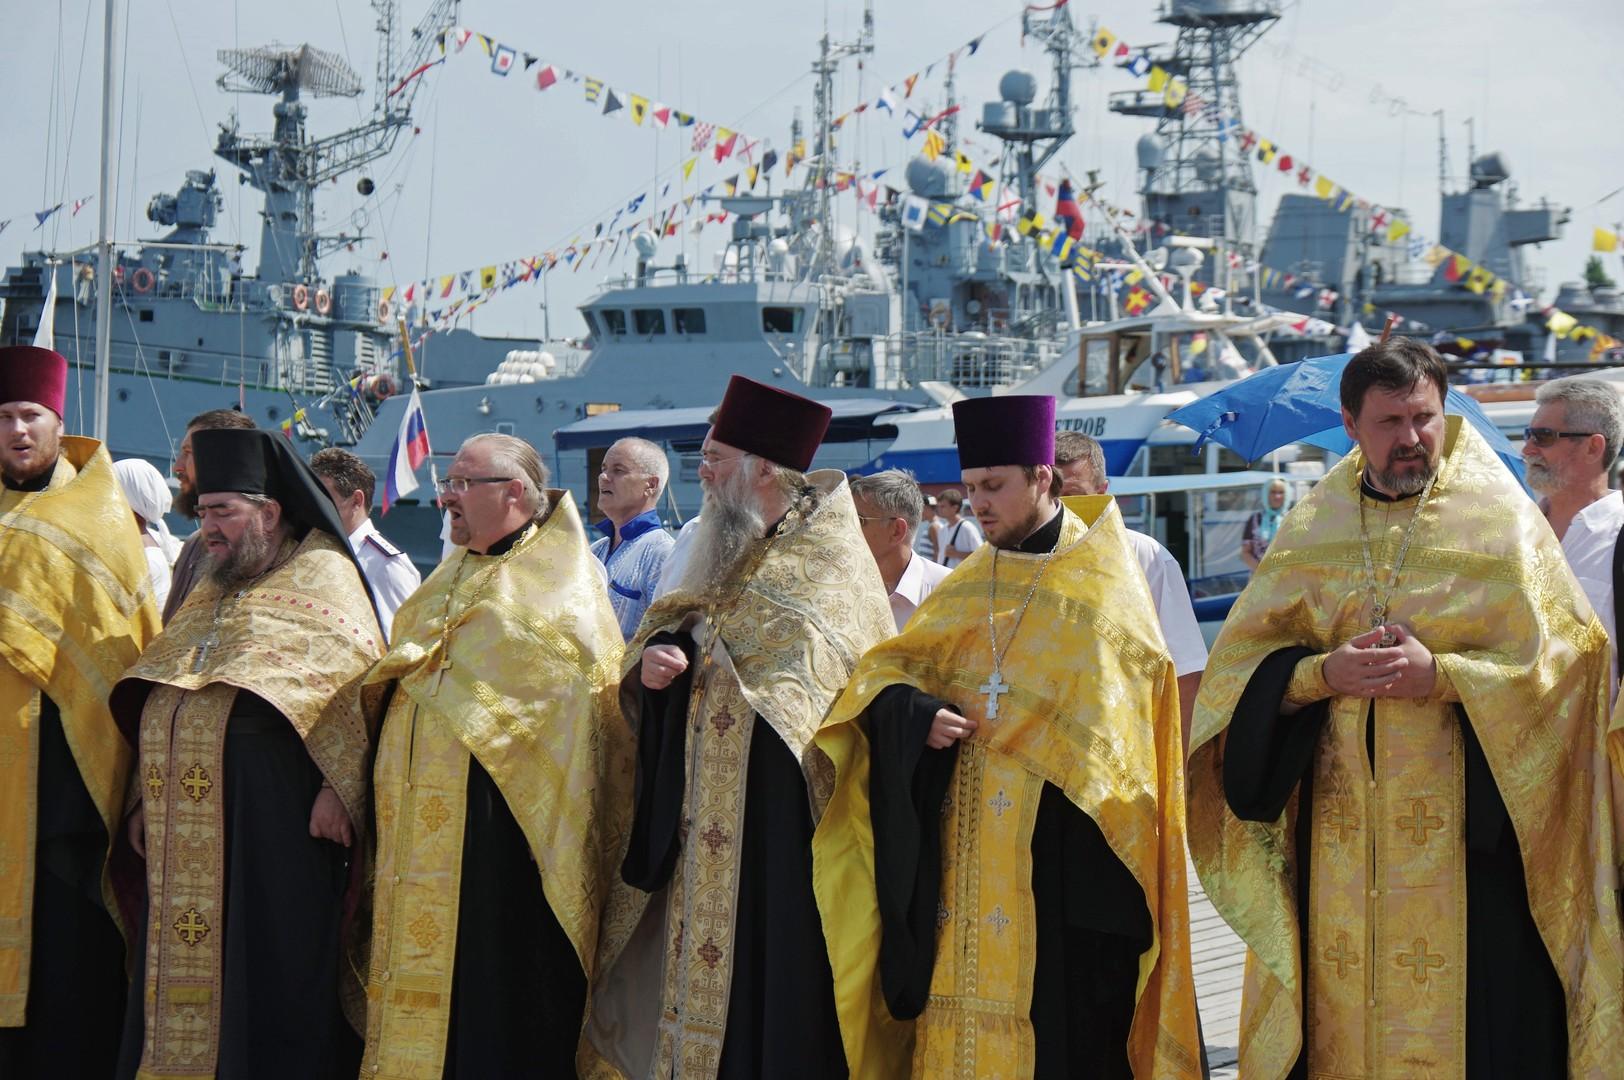 Eine orthodoxe Prozession am Gedenktag des Heiligen Fürsten Wladimir in Sewastopol auf der Schwarzmeer-Halbinsel Krim.